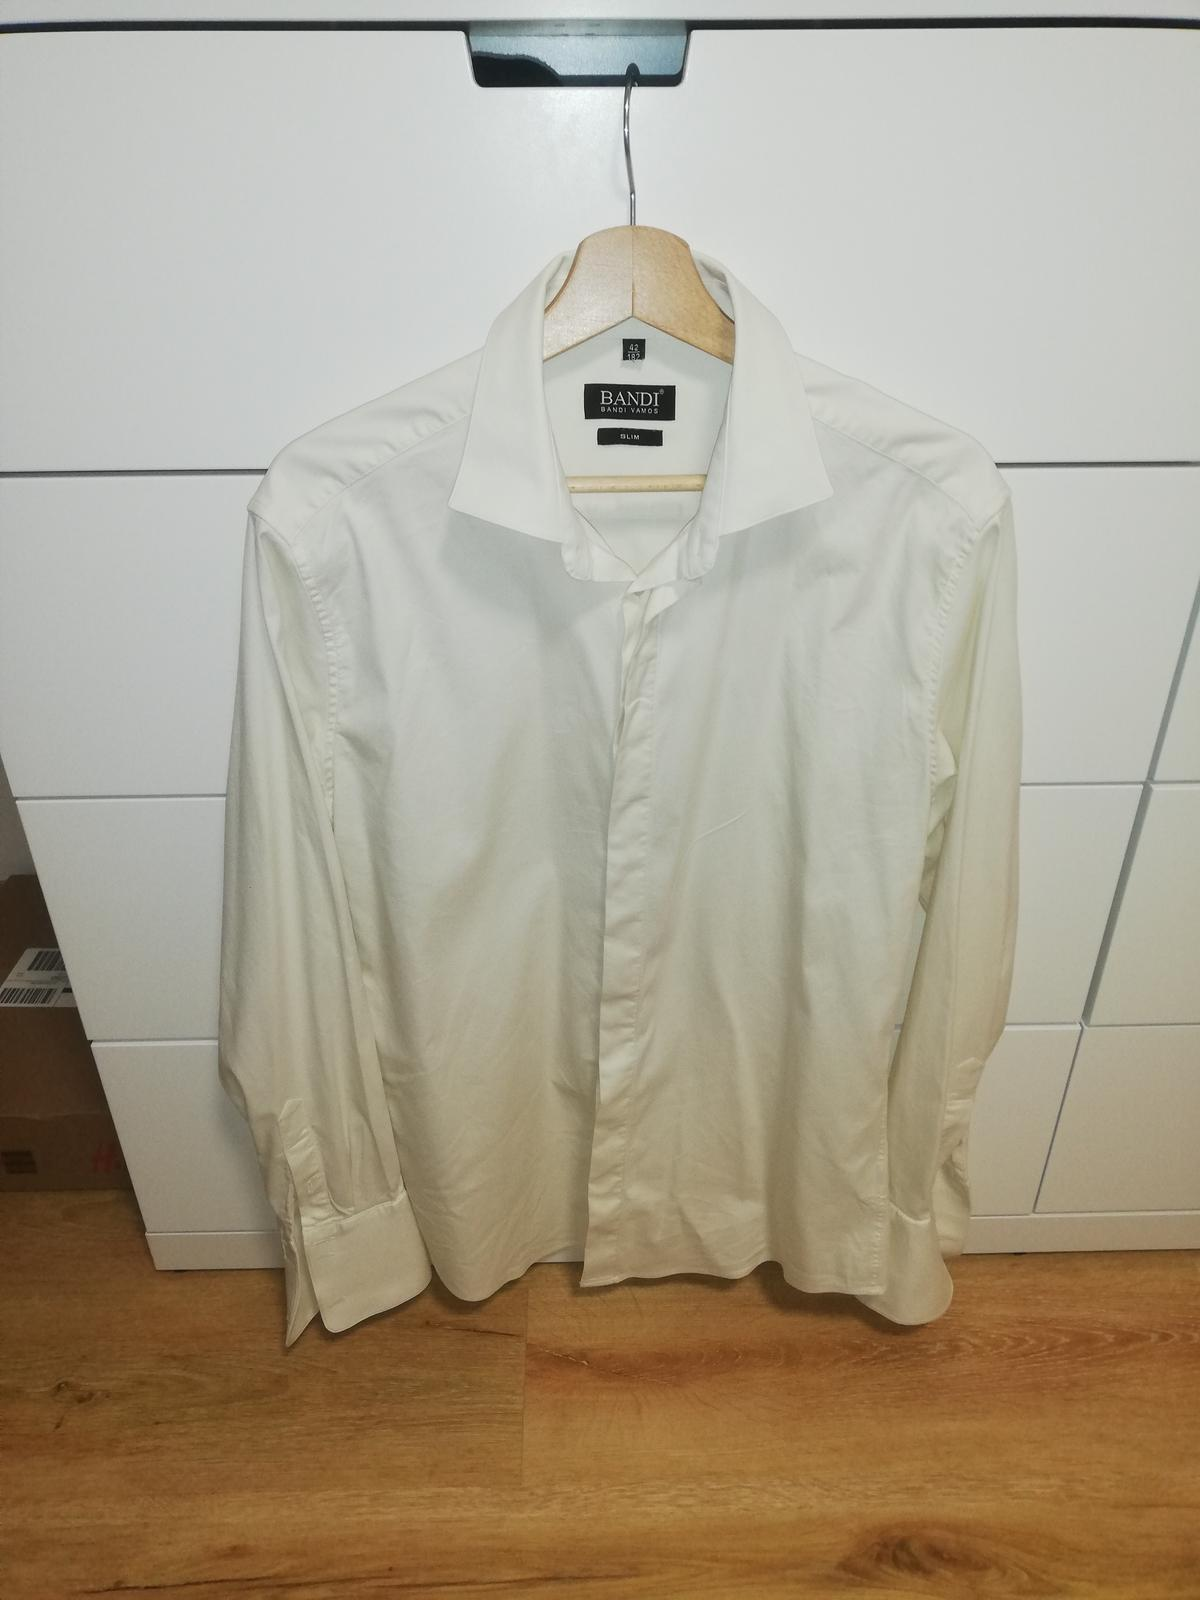 BANDI svatební košile SLIM-CATEDUX Cremo (vel. 42) - Obrázek č. 1